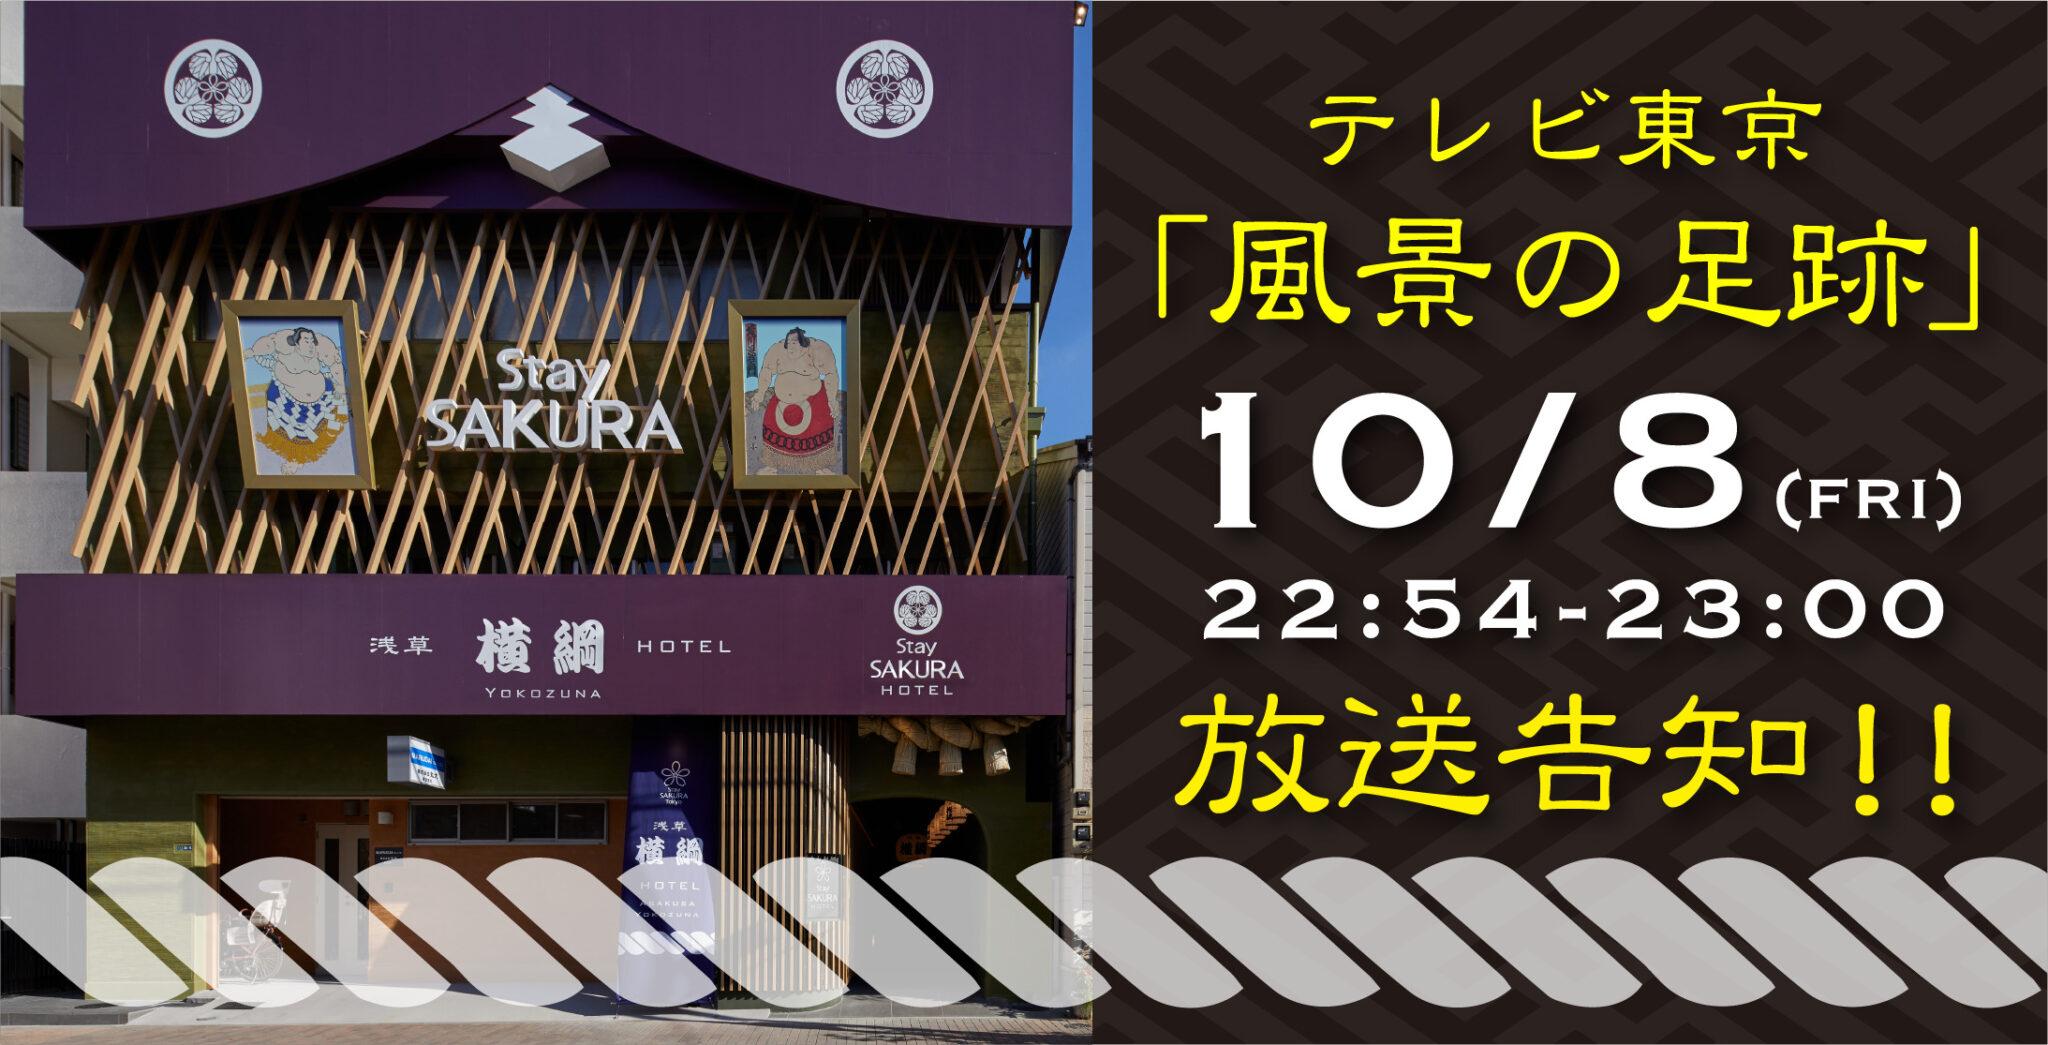 【テレビ放送告知】テレビ東京「風景の足跡」にて 『相撲ホテル』が紹介されます!